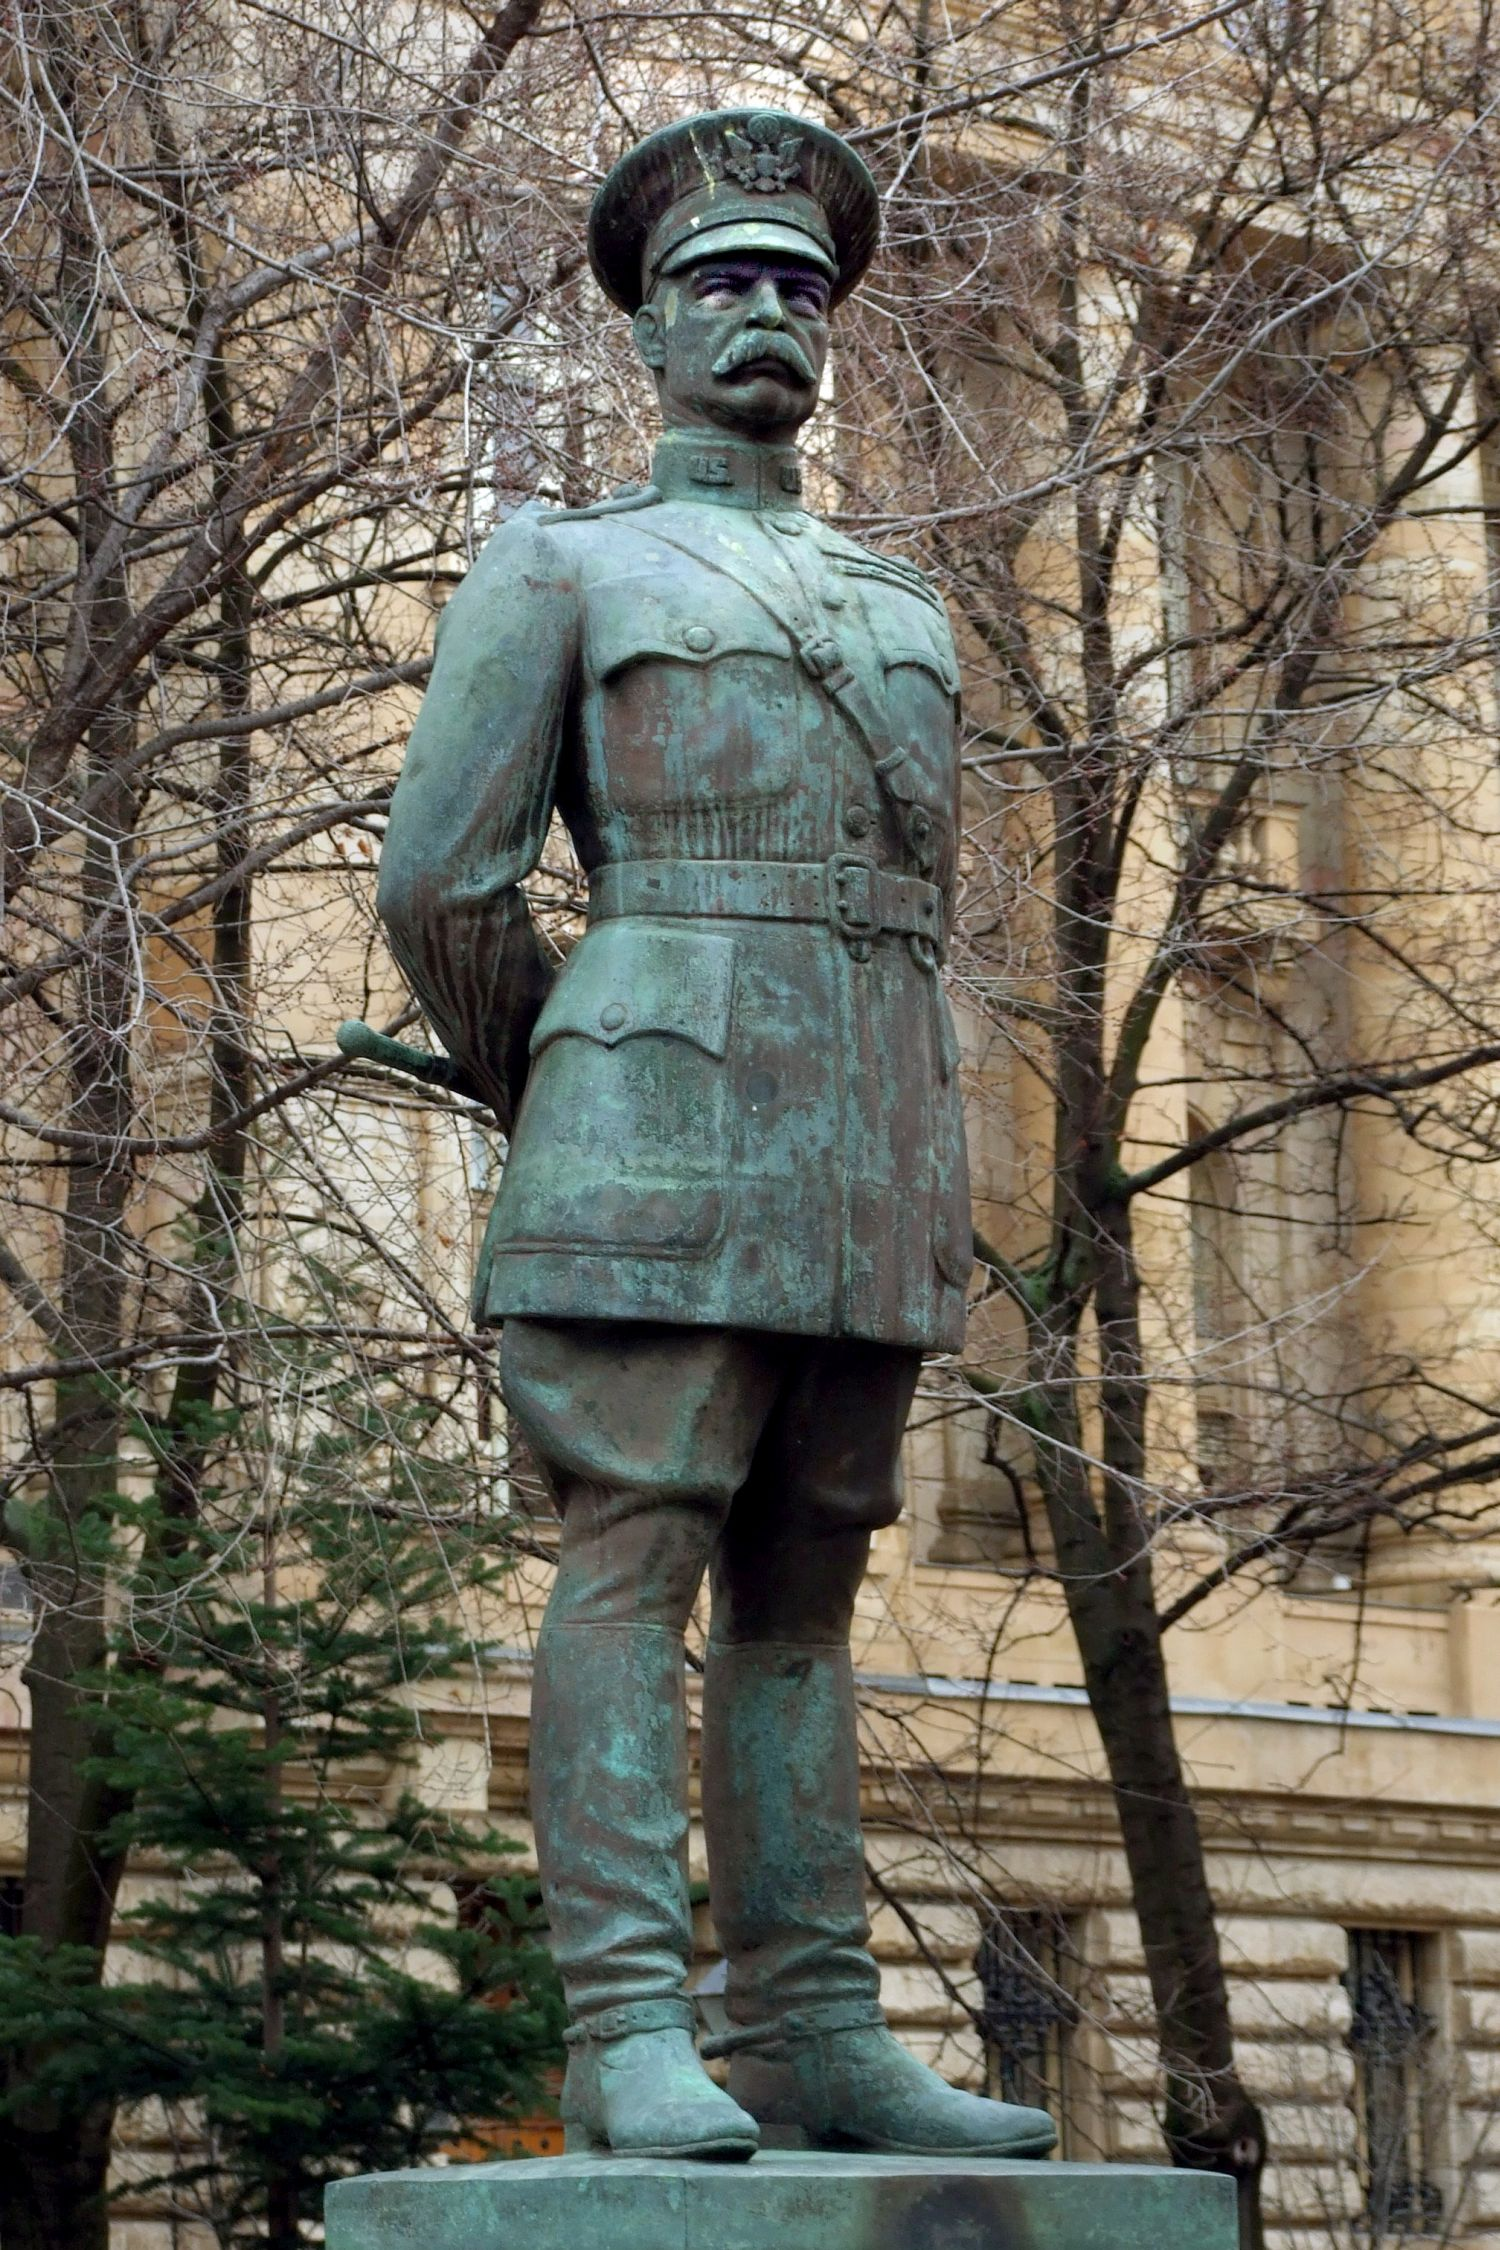 Ostorral védte meg a Magyar Nemzeti Múzeum kincseit | 24.hu